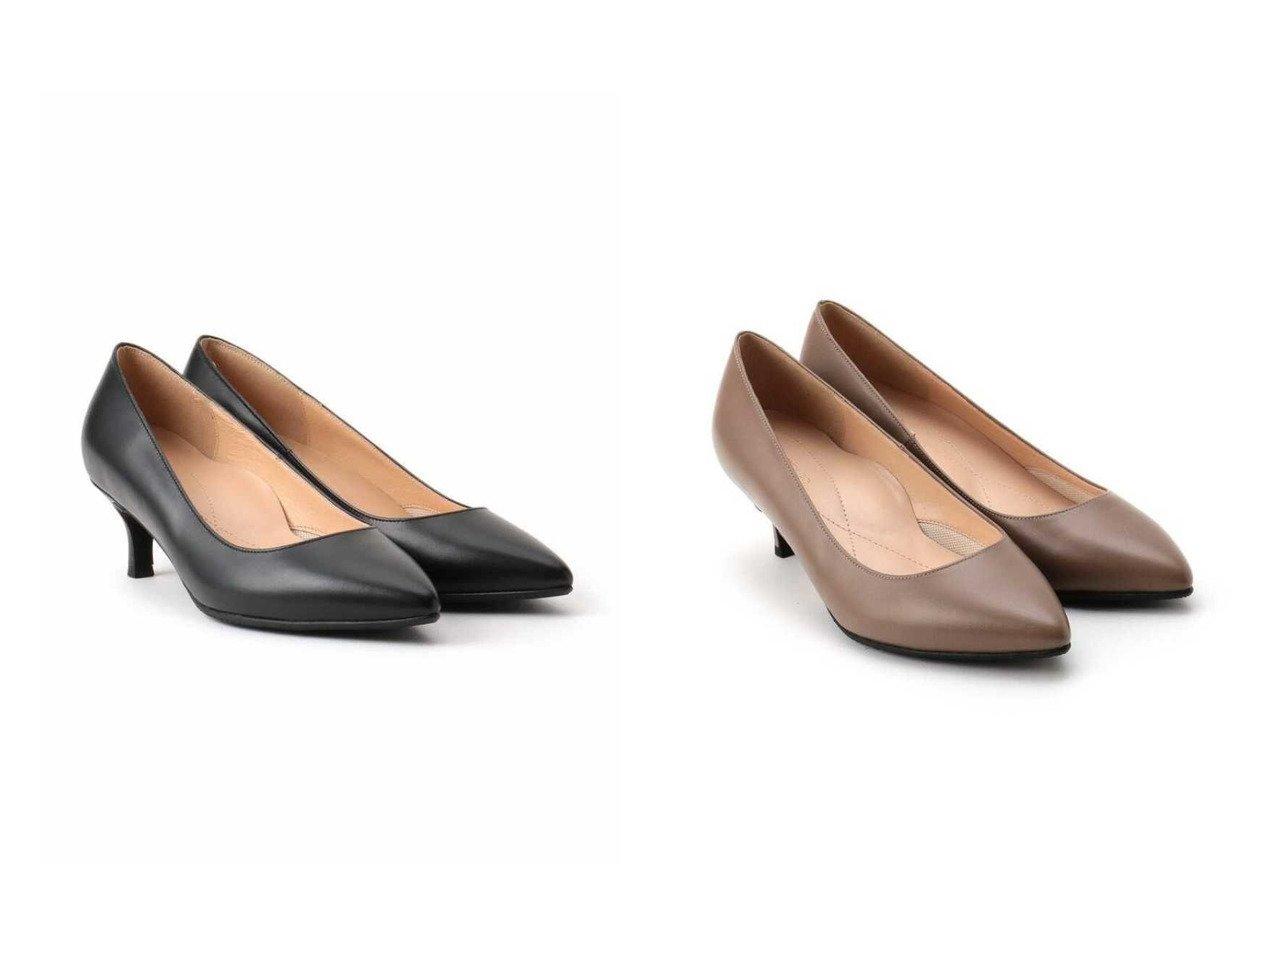 【UNTITLED/アンタイトル】の【抗菌防臭】ドレッサーパンプス(5cmヒール) 【シューズ・靴】おすすめ!人気、トレンド・レディースファッションの通販  おすすめで人気の流行・トレンド、ファッションの通販商品 メンズファッション・キッズファッション・インテリア・家具・レディースファッション・服の通販 founy(ファニー) https://founy.com/ ファッション Fashion レディースファッション WOMEN アーモンドトゥ シューズ バランス リアル 抗菌 |ID:crp329100000025514